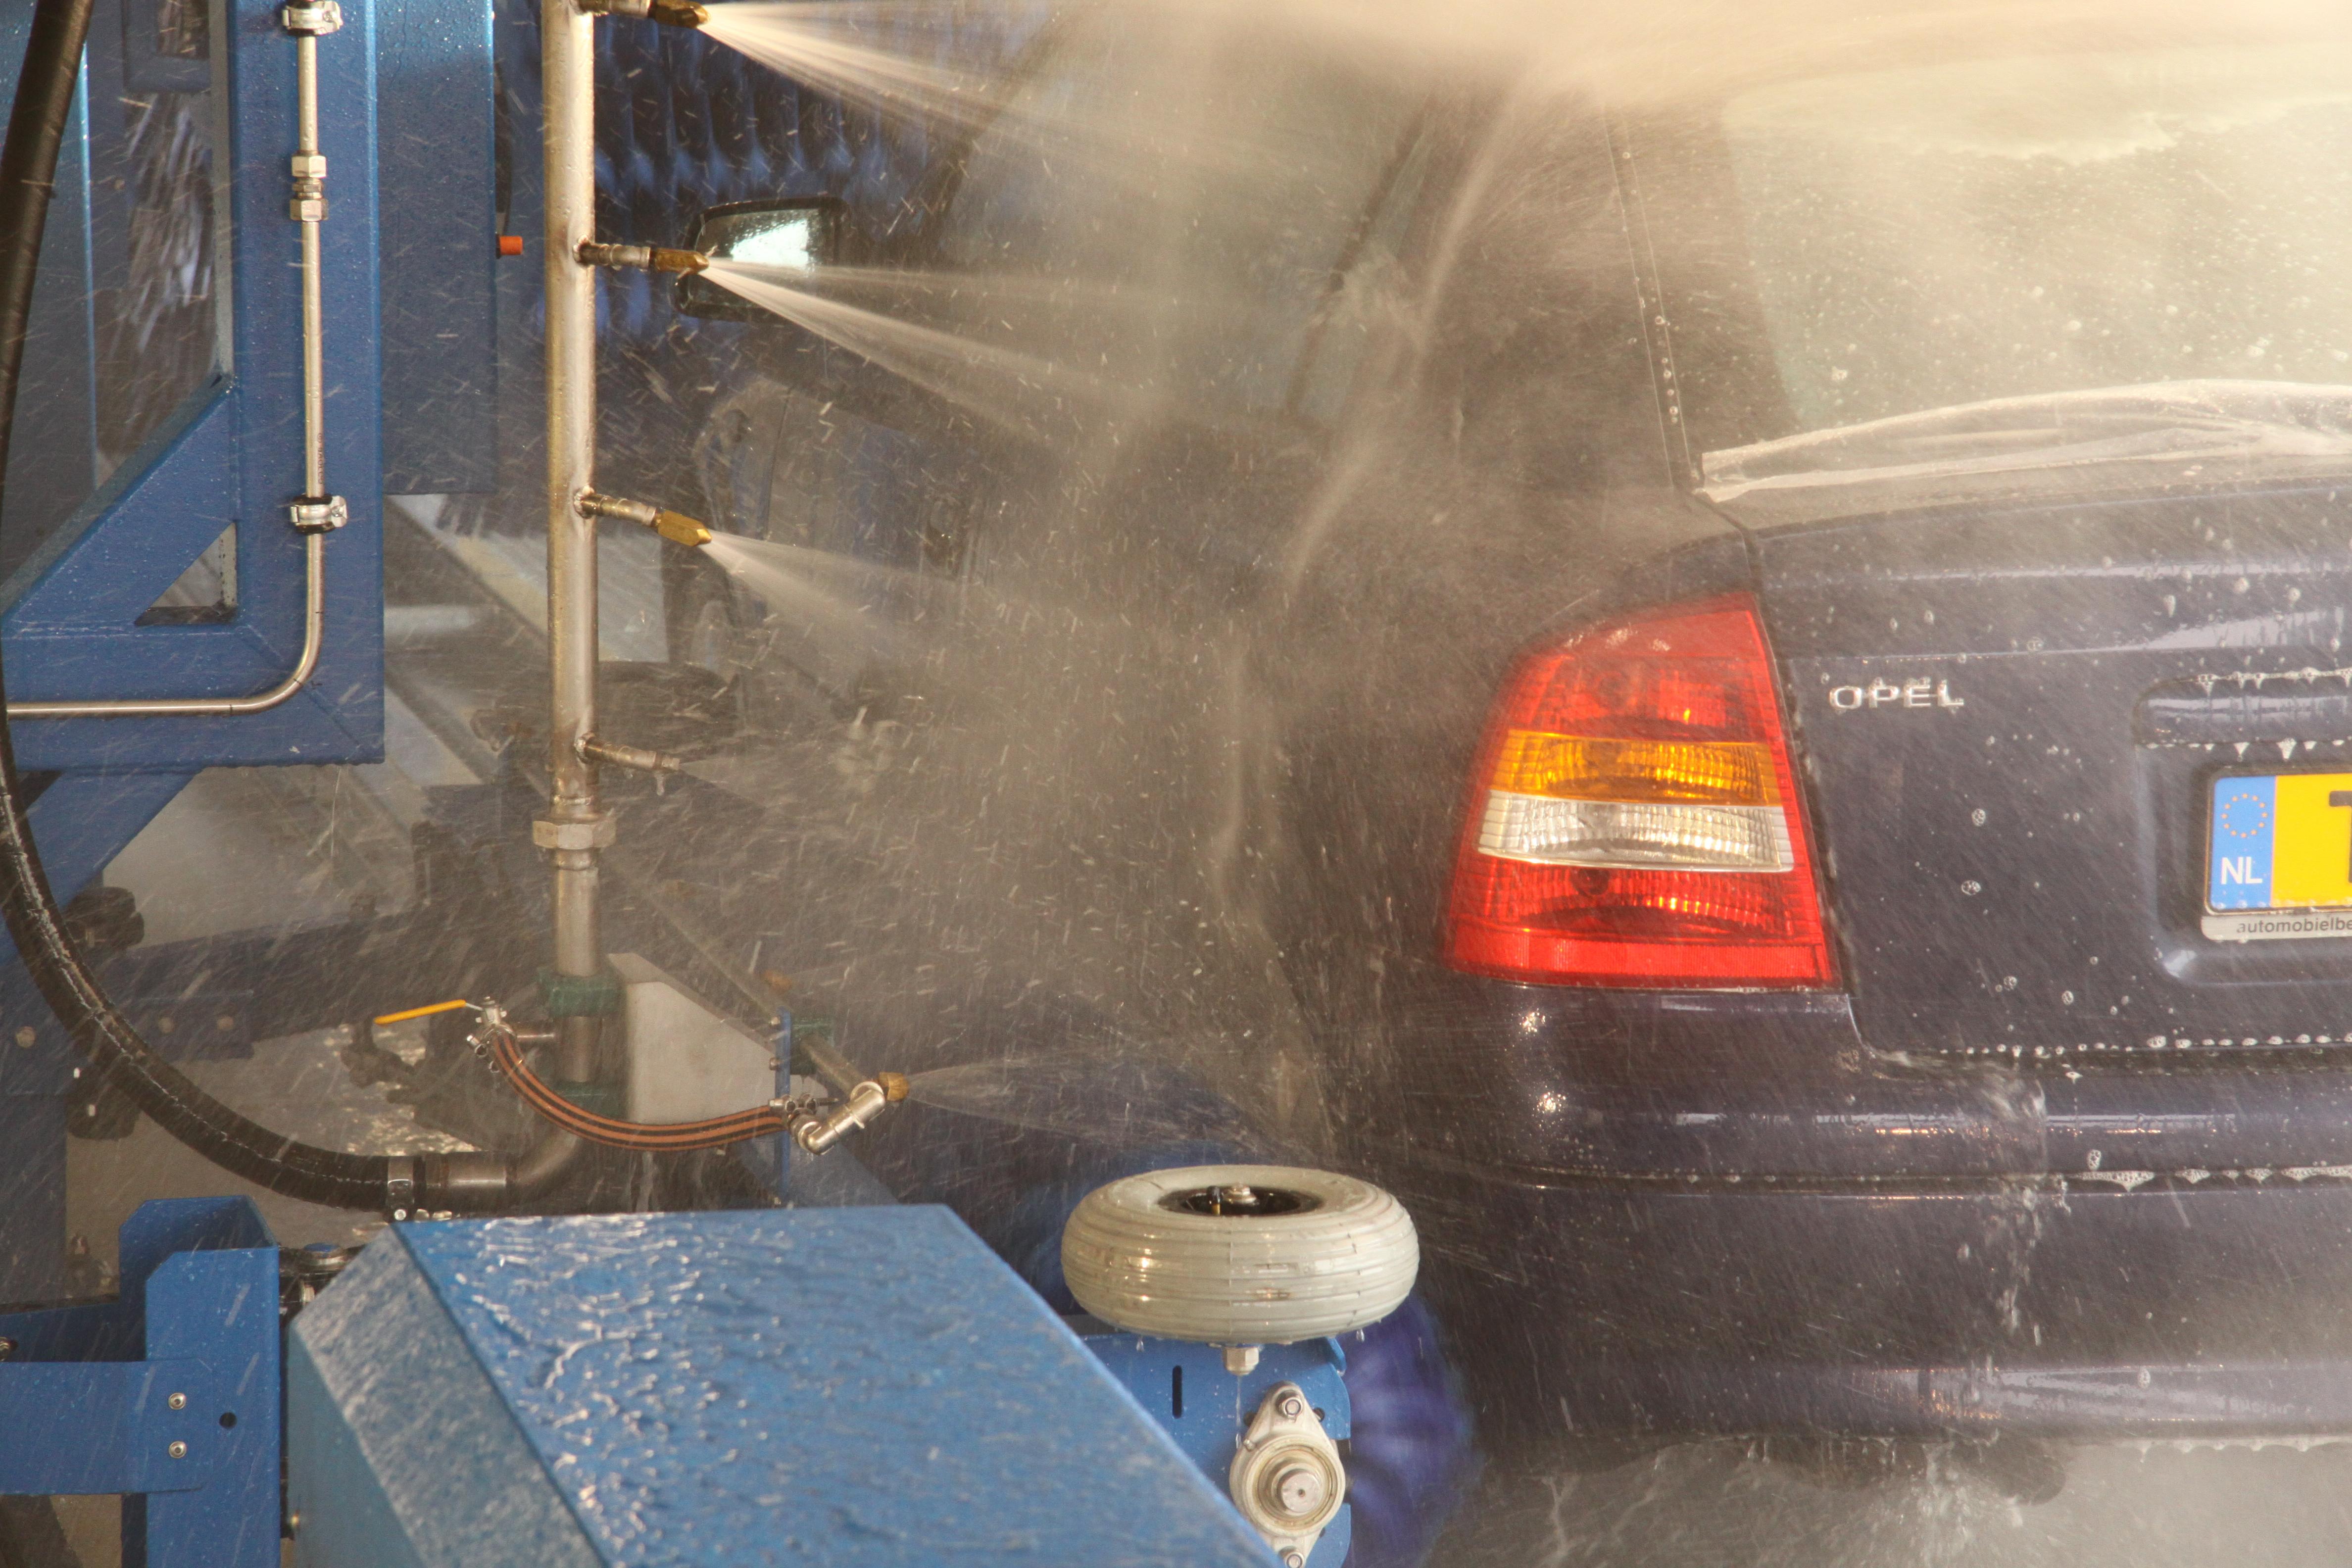 Washtec en trainstation ontwikkelen training voor carwash personeel - Hoe een kleine studio te ontwikkelen ...